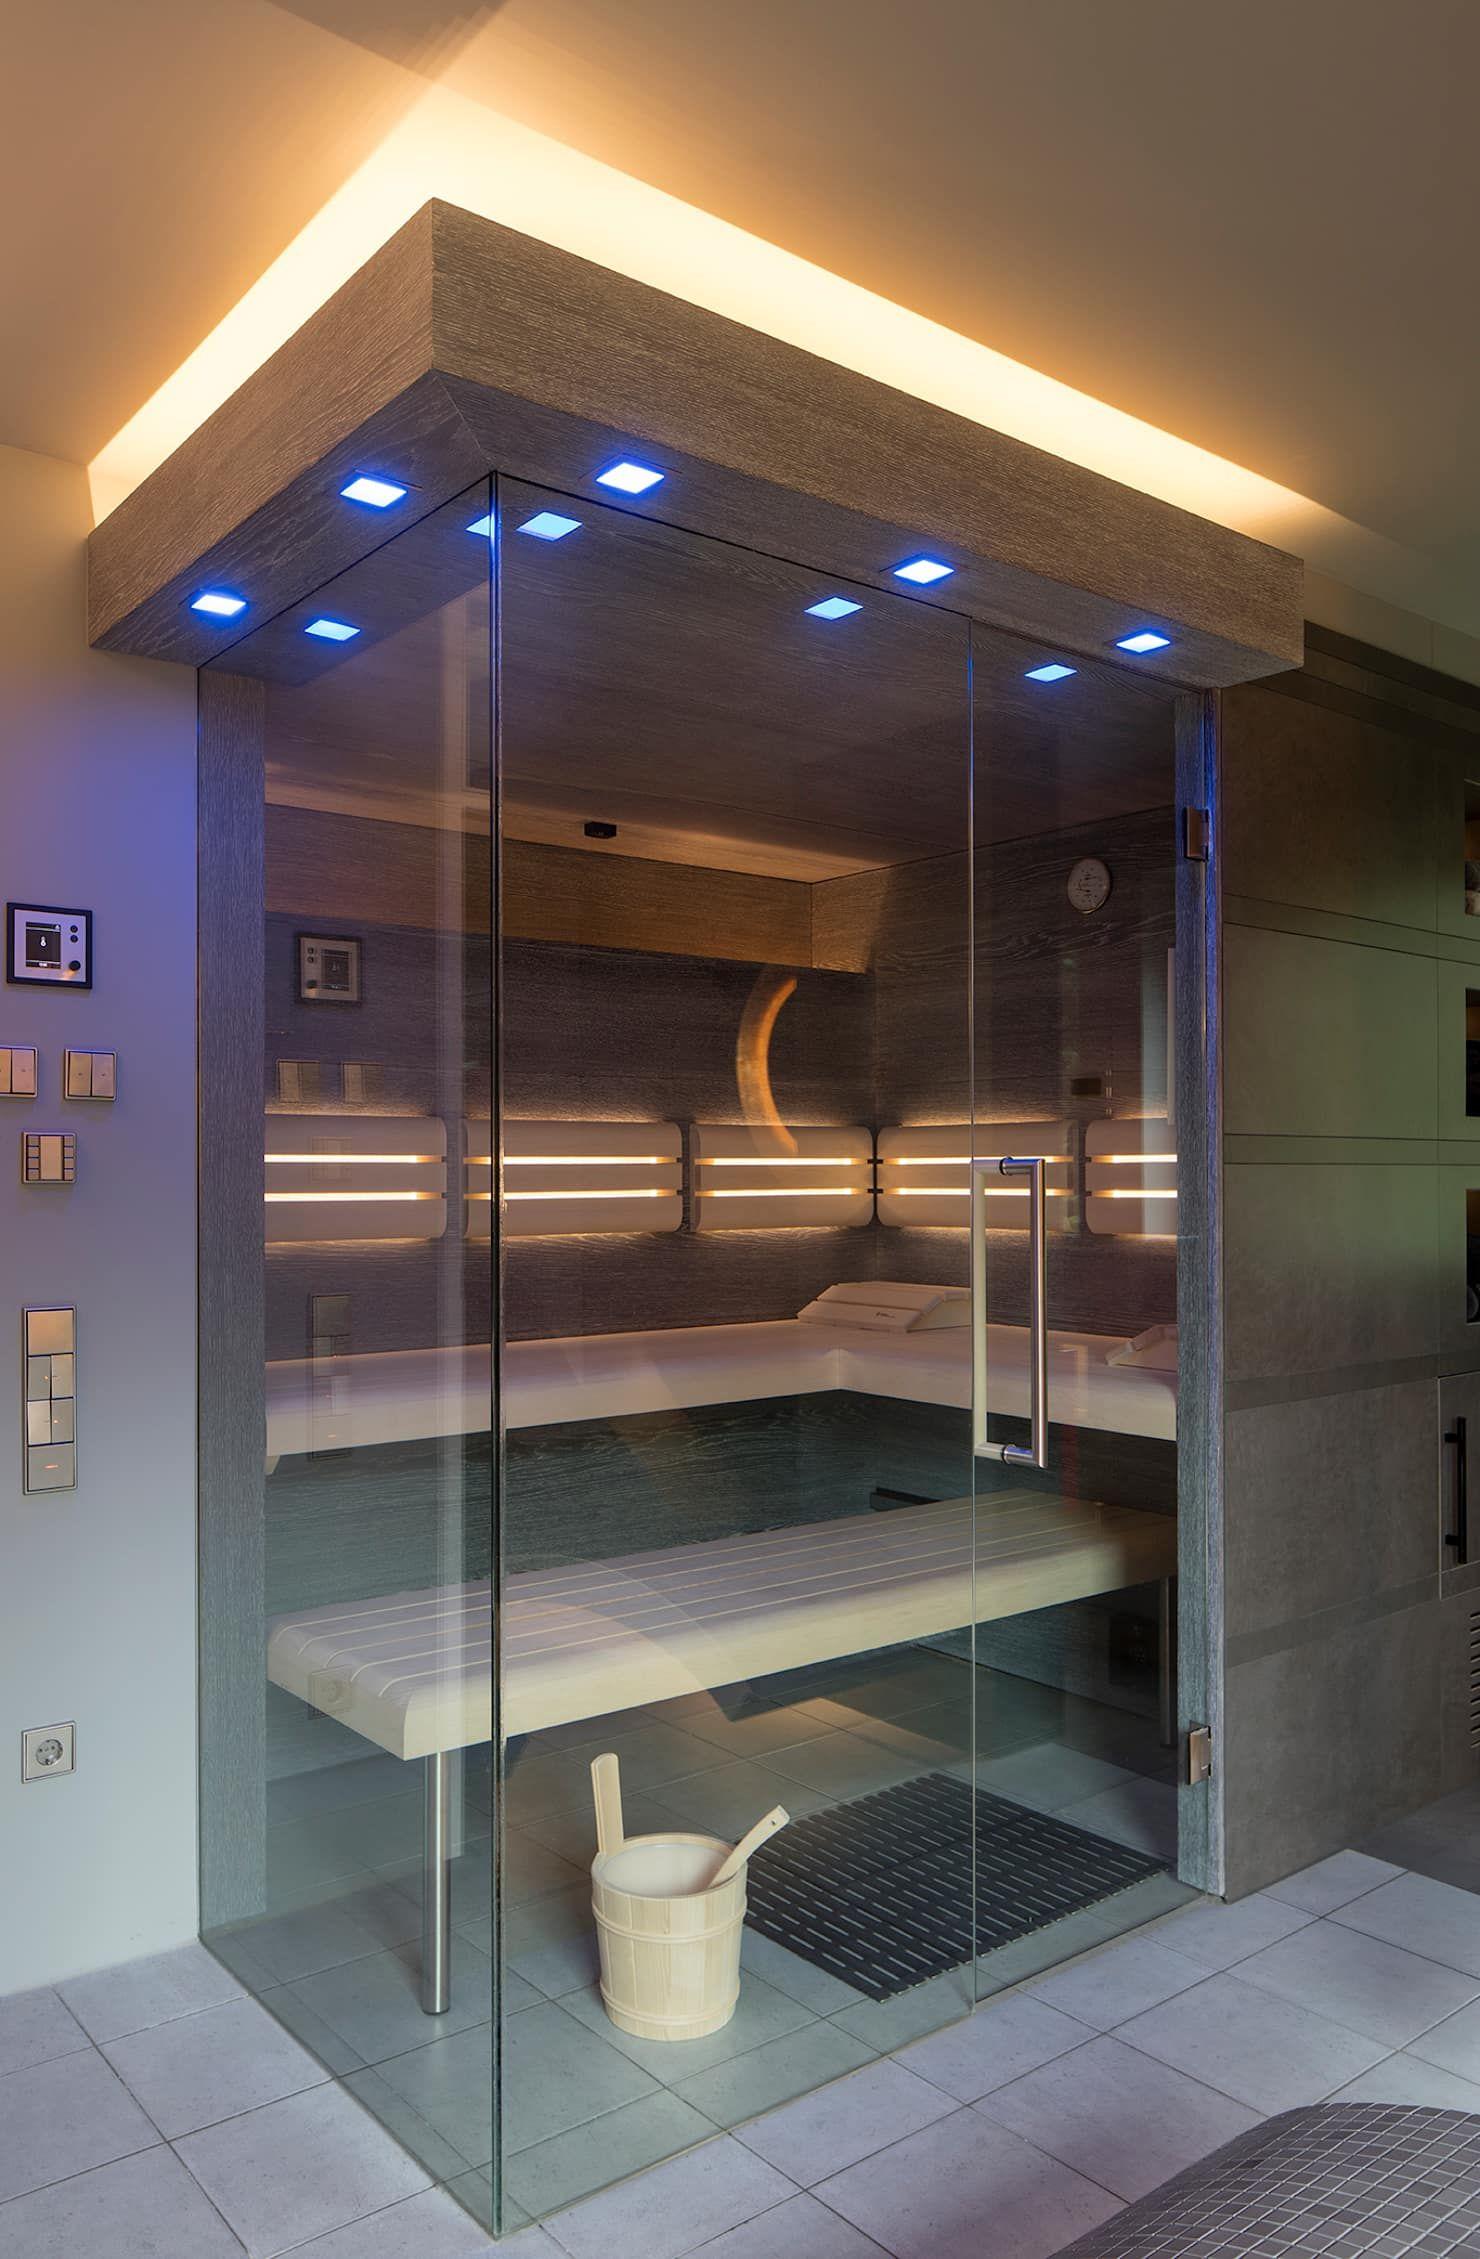 Design Sauna Als Massanfertigung Der Corso Sauna Manufaktur Mit Farblich Welchselndem Led Licht Moderner Spa Von Corso Sauna Manufaktur Gmbh Modern Badezimmer Mit Sauna Massageraum Design Sauna